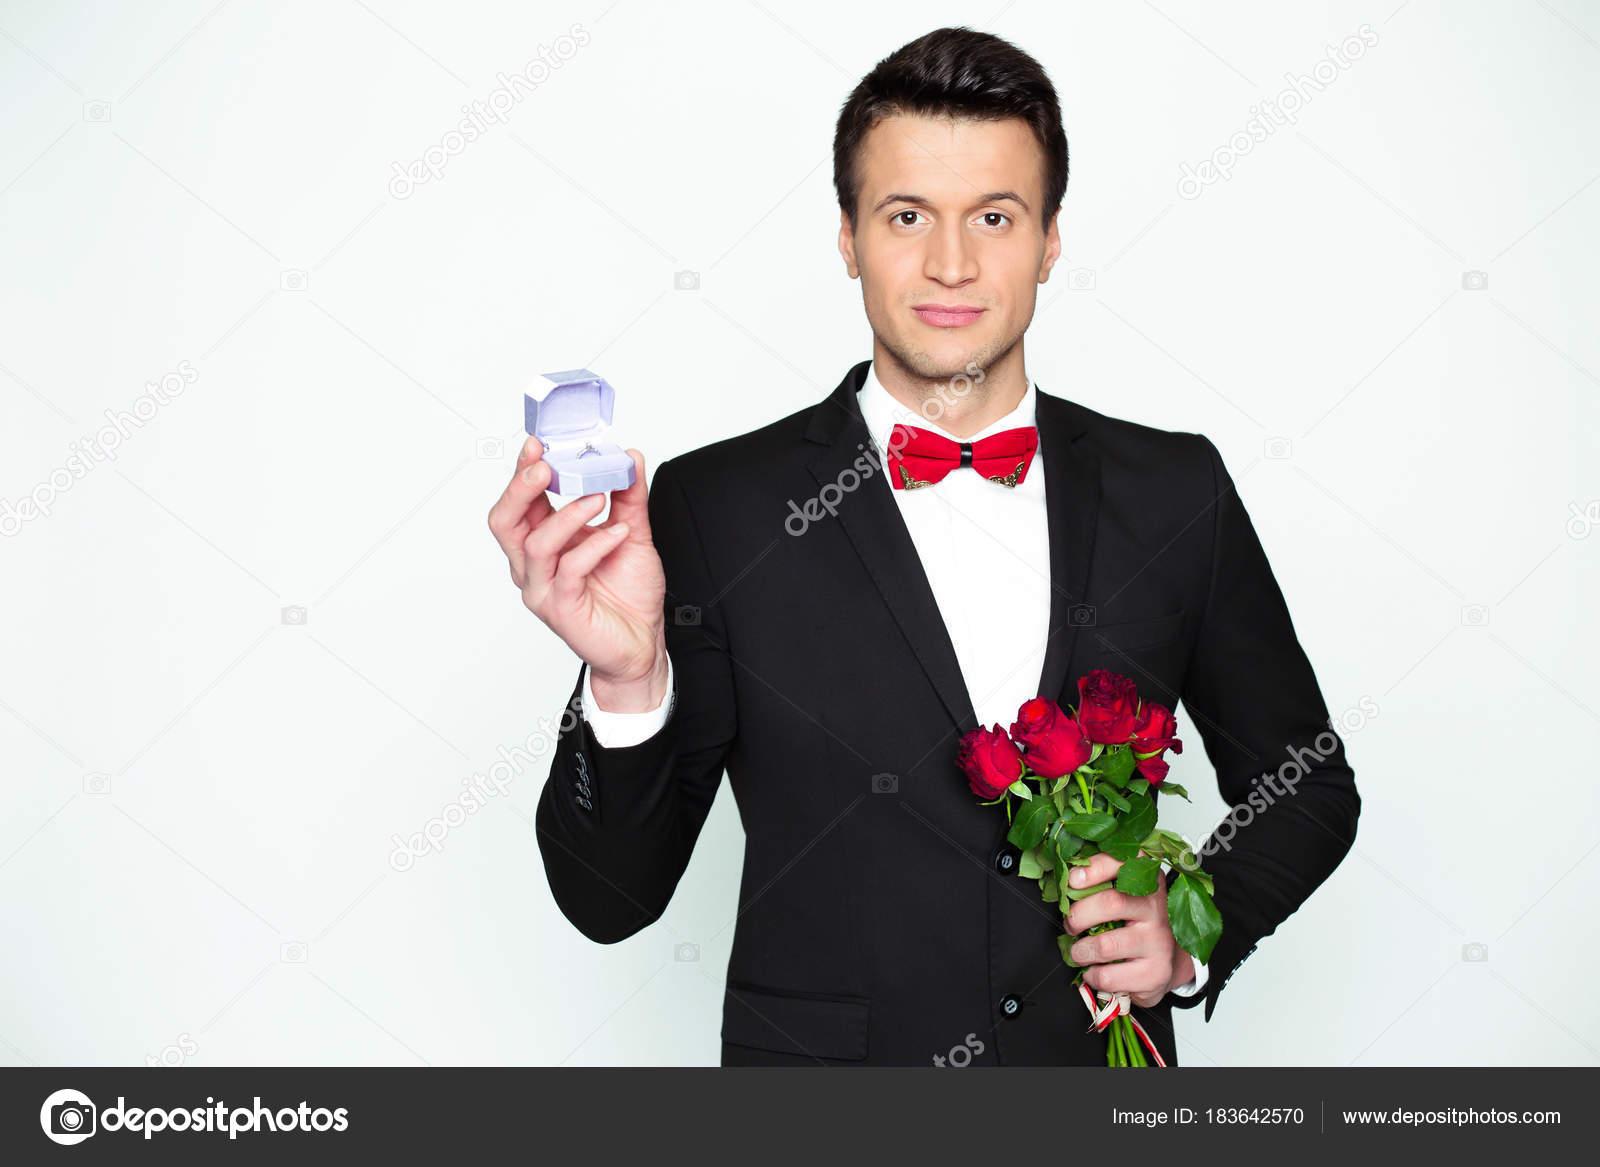 Uomo elegante moderno sicuro bello in un vestito nero ufficiale e un papillon  rosso sta tenendo una scatola con un anello di fidanzamento e belle rose  rosse ... 7a73236f8440